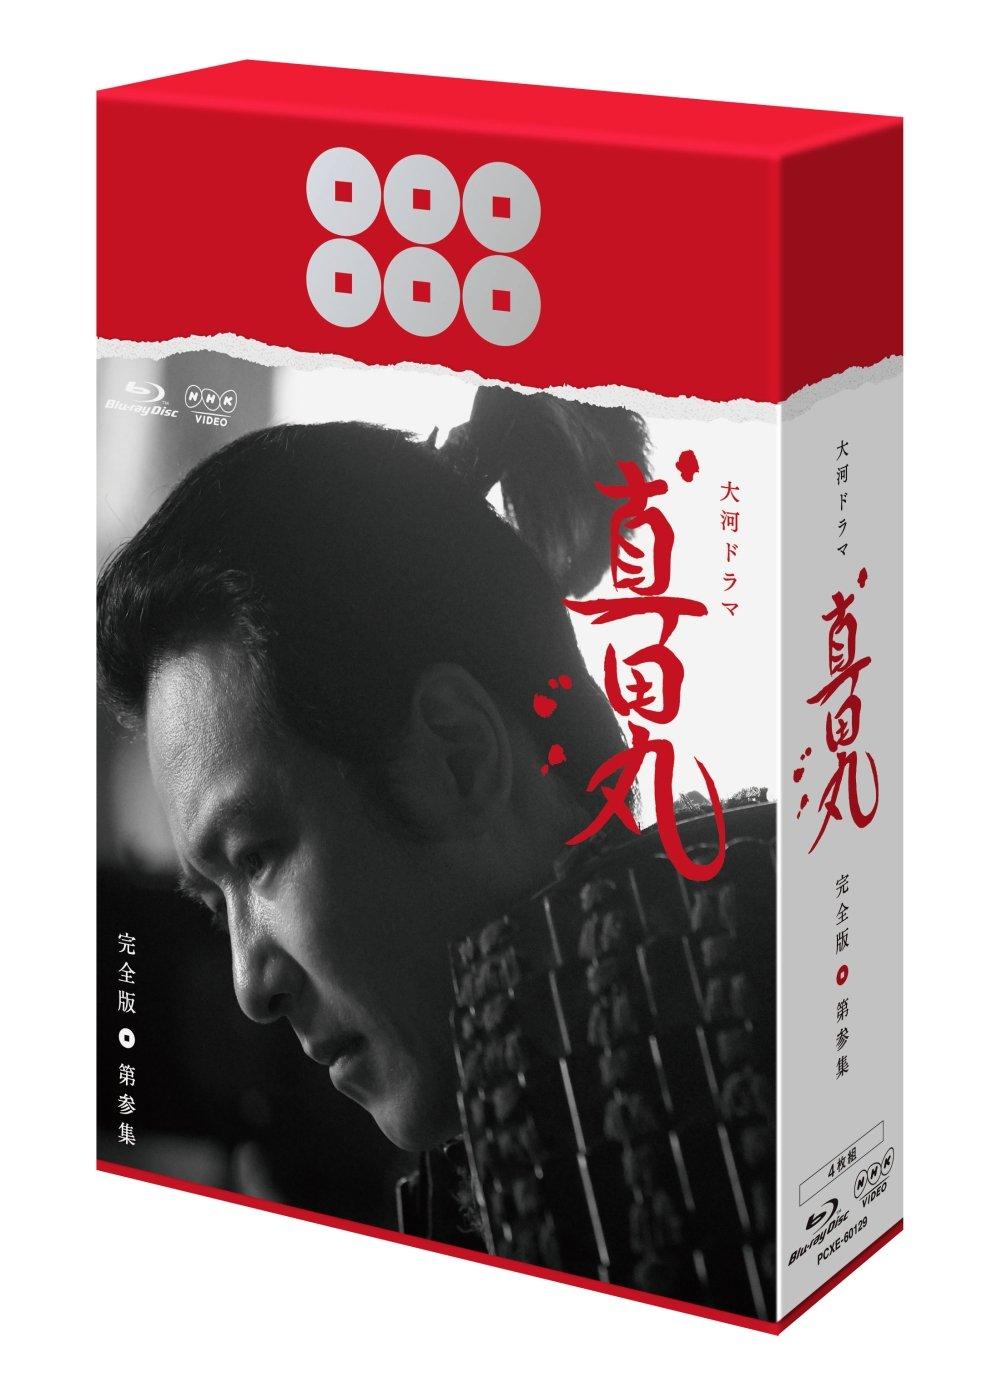 真田丸 完全版 第参集(「真田丸」扇子 徳川ver.付) [Blu-ray] B01LTHKVZG